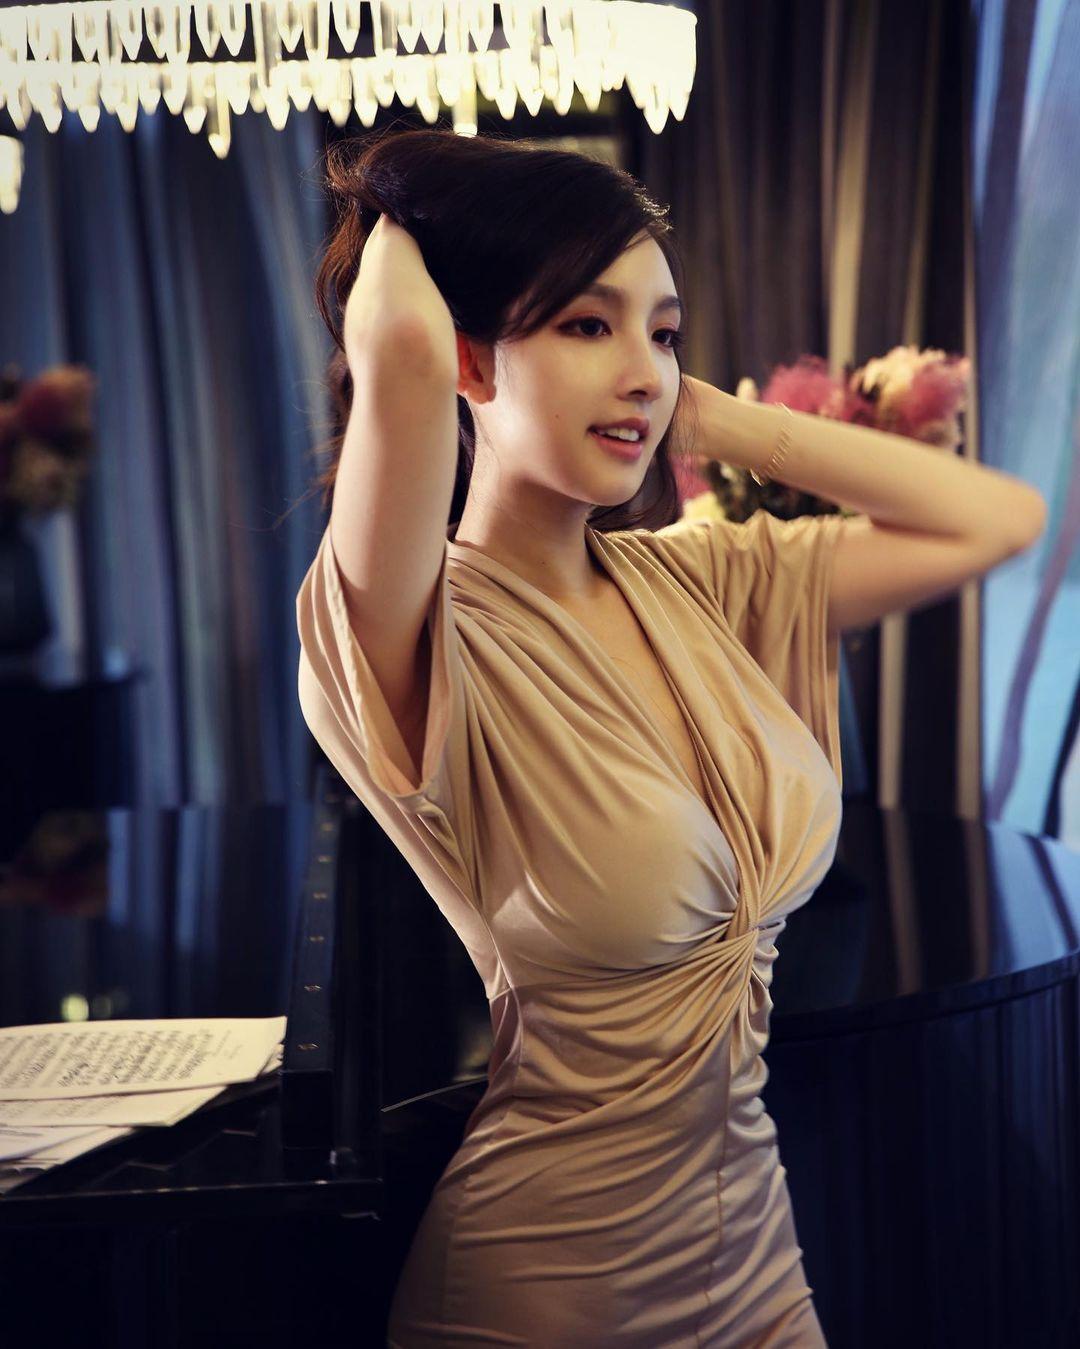 女高音Hedy海儿身材彷佛「真人版娜美」网友:想让她飙高音